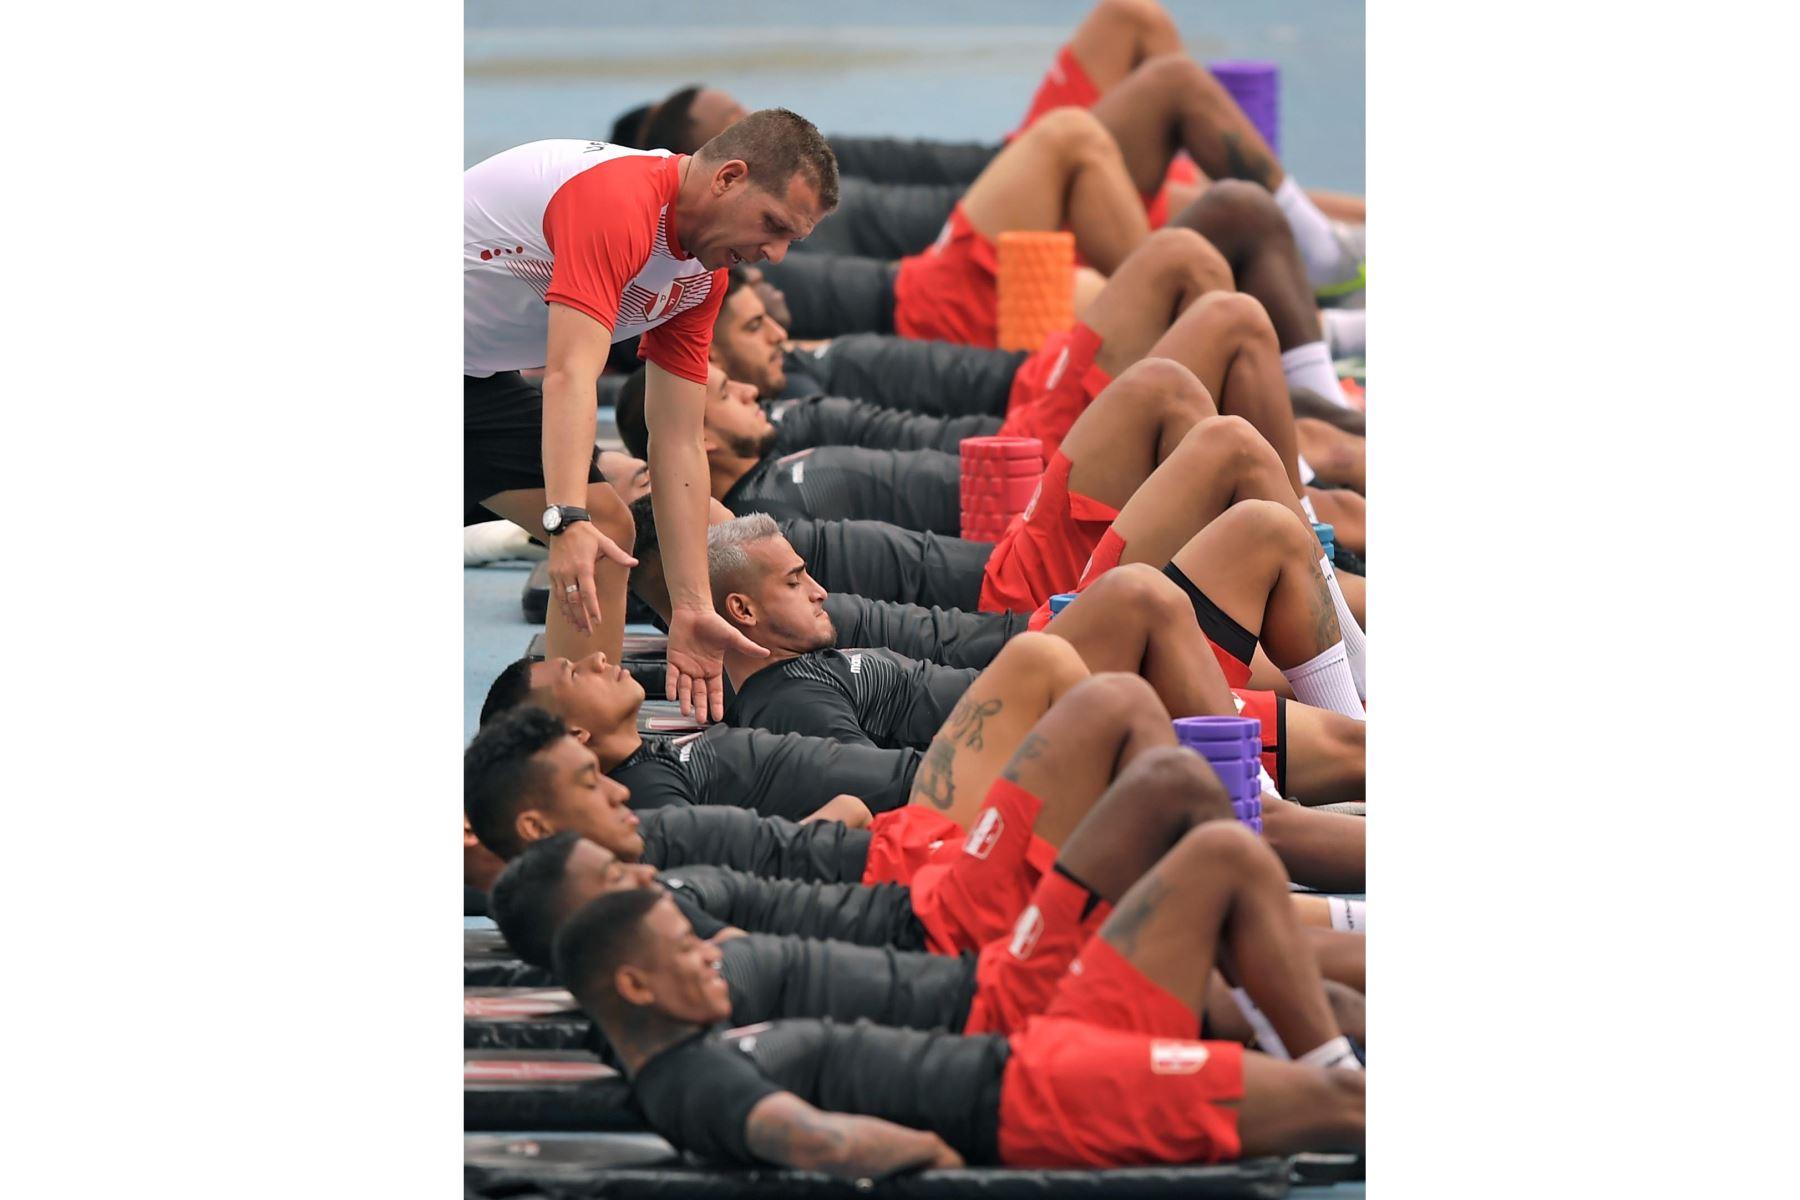 Sesión de entrenamiento en Río de Janeiro, Brasil, en la víspera del partido por el campeonato de fútbol de la Copa América contra Bolivia. Foto: AFP